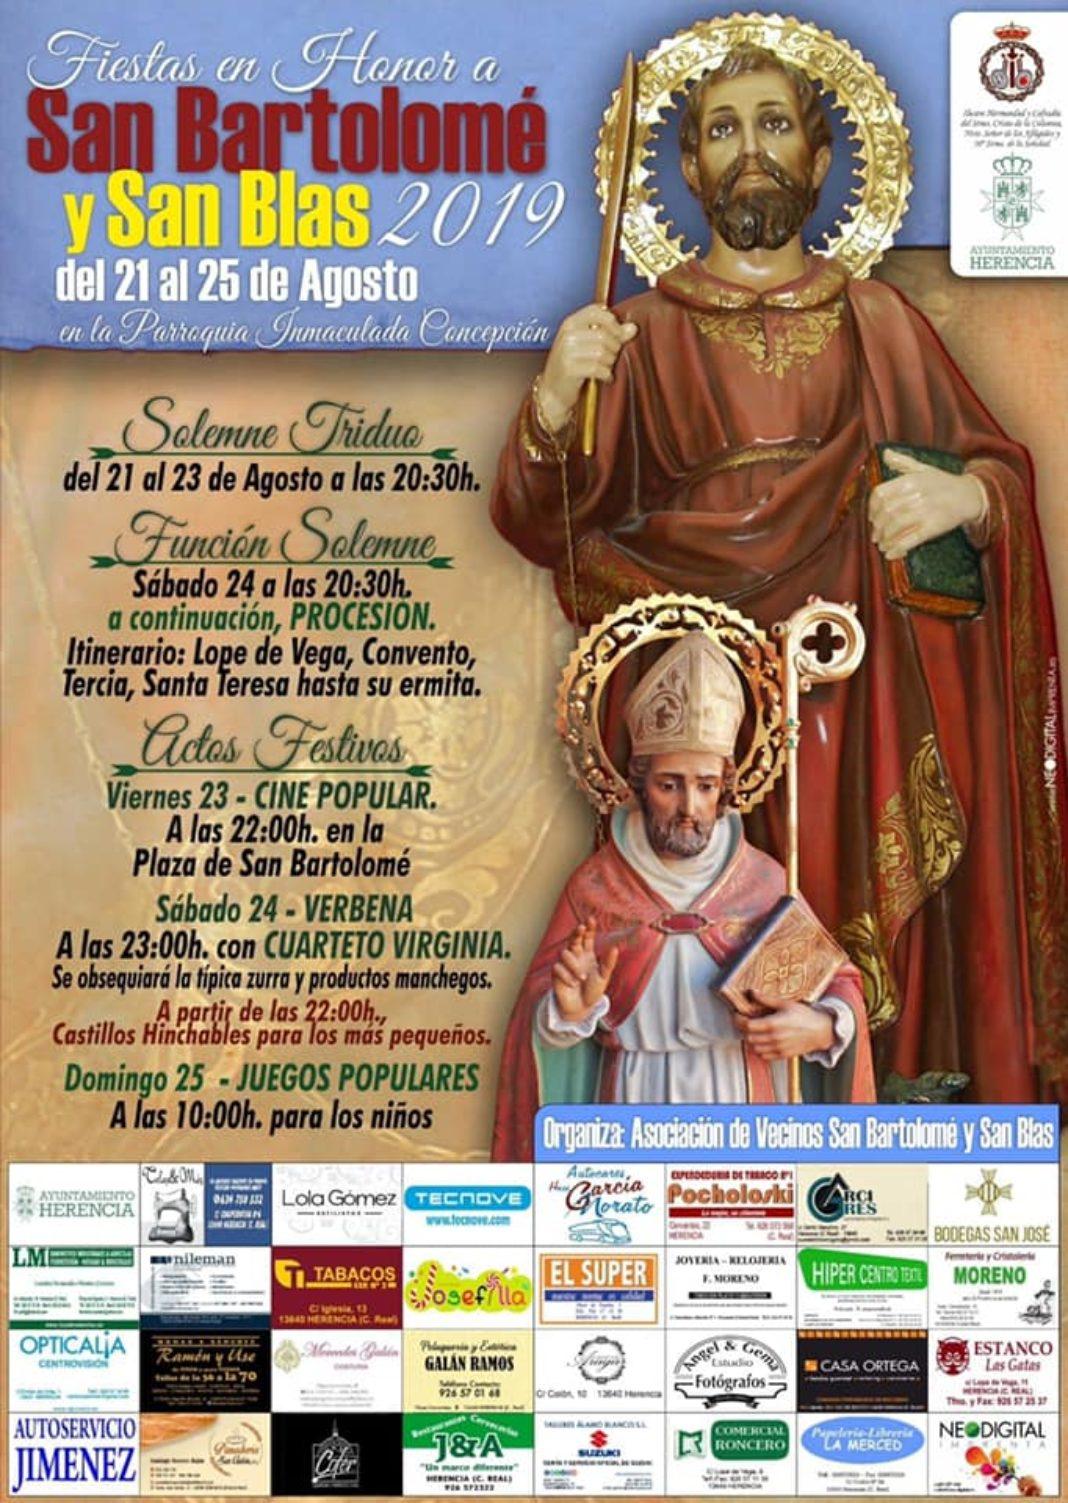 Herencia prepara las fiestas en honor a San Bartolomé 2019 7